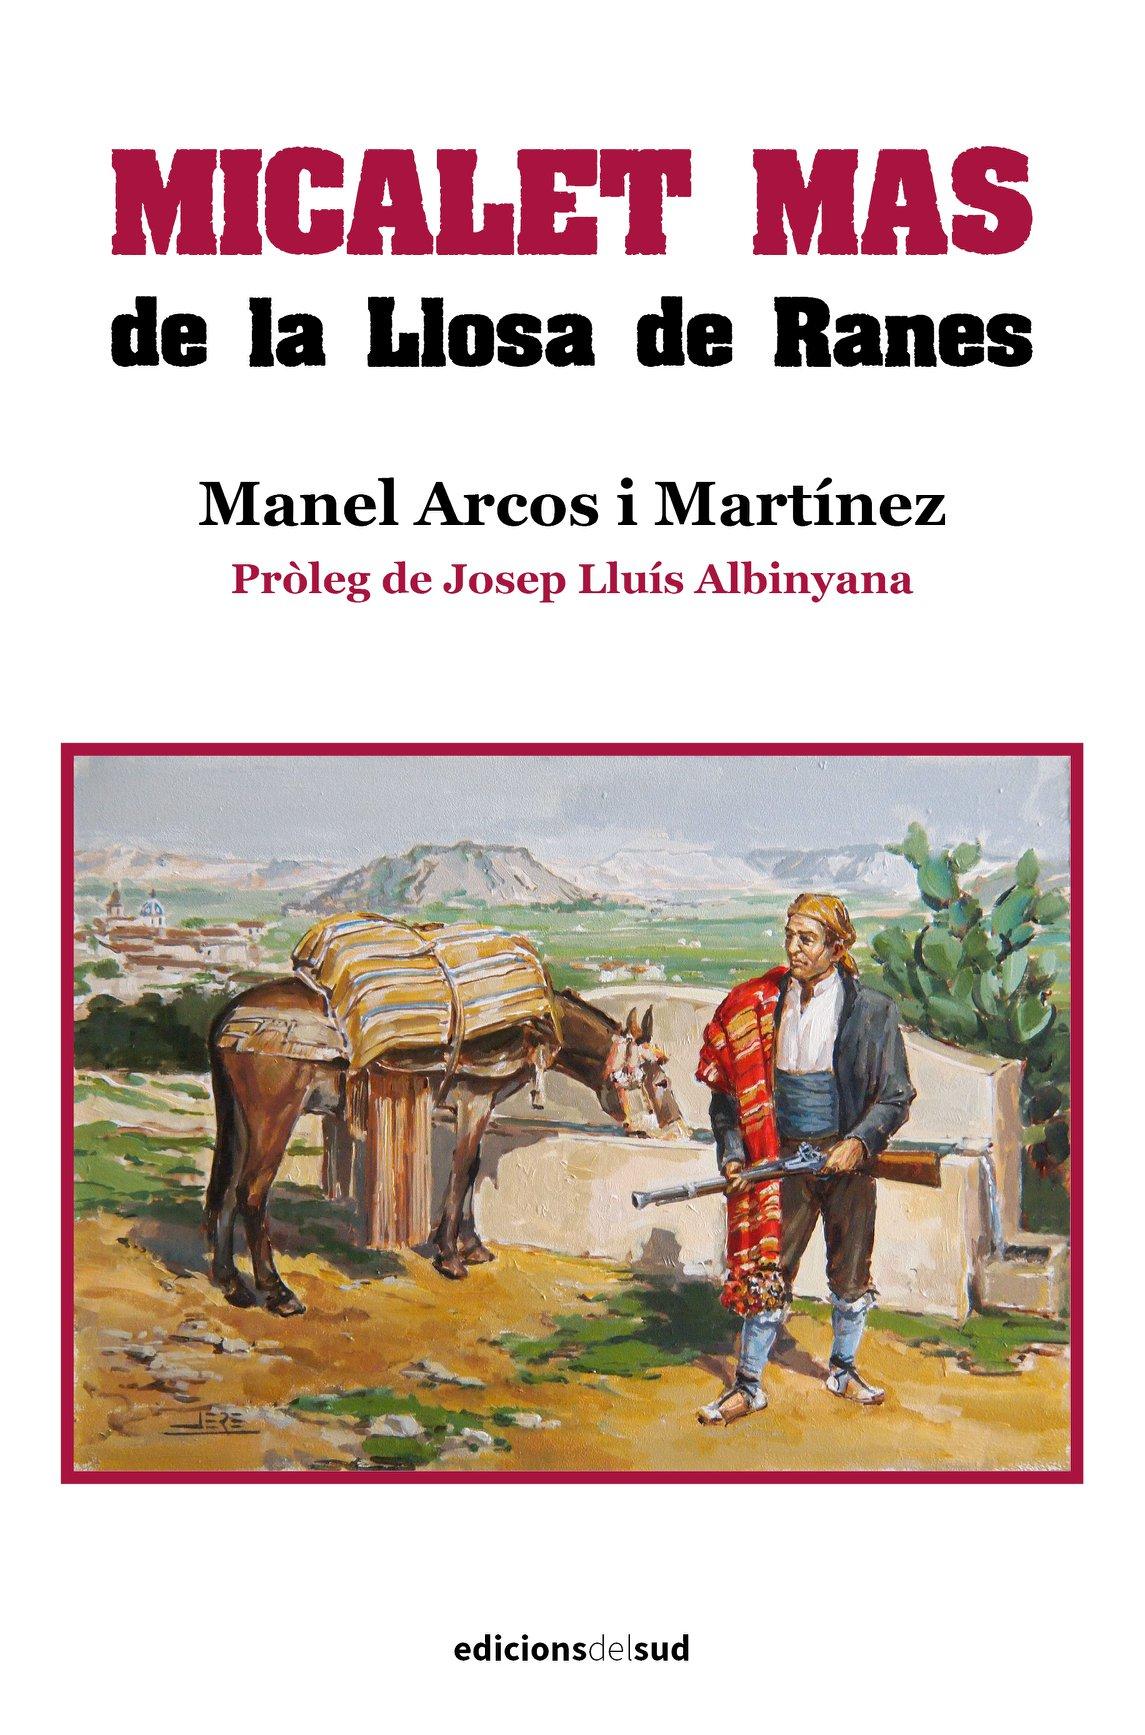 Micro Obert entrevista l'escriptor Manel Arcos arran del seu llibre «Micalet Mas de la Llosa de Ranes»